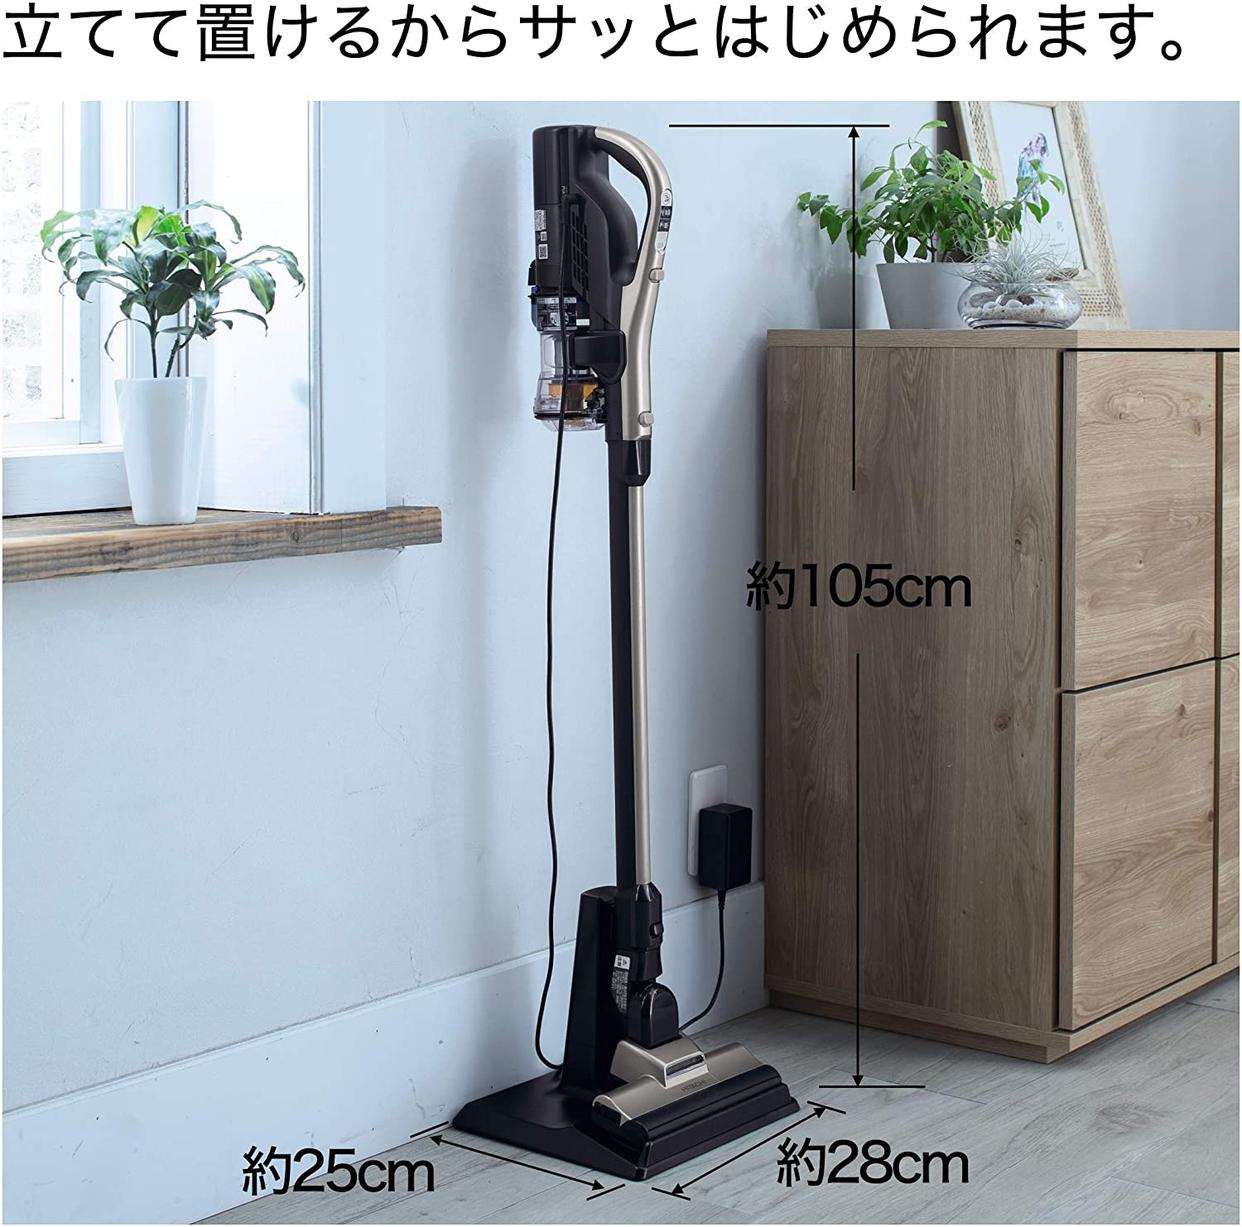 日立(HITACHI) ラクかるスティック PV-BL20Gの商品画像9